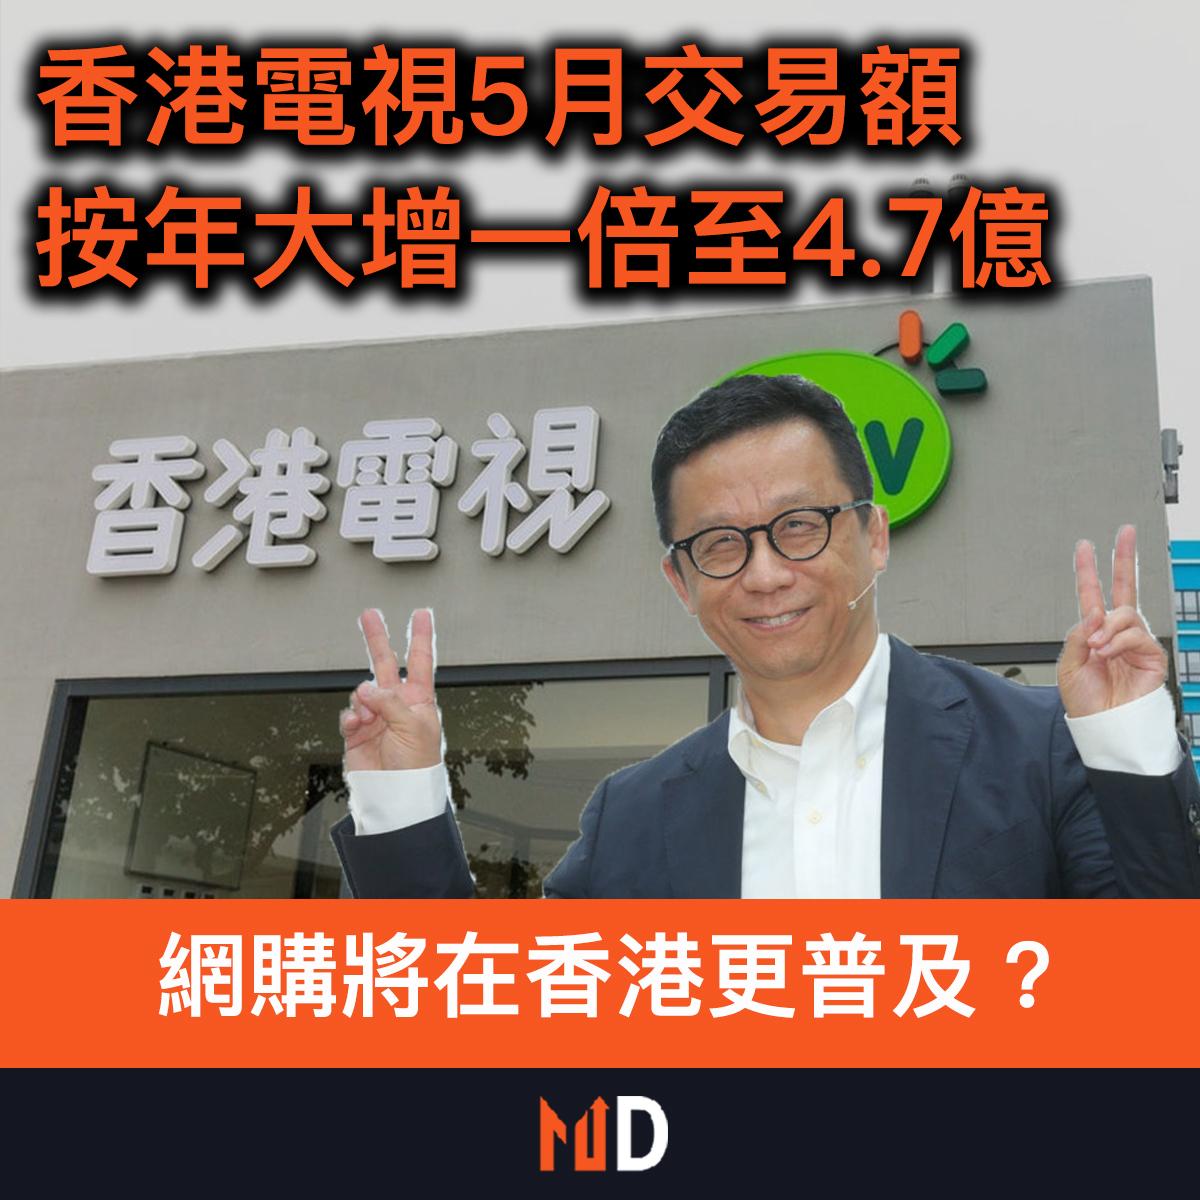 【市場熱話】香港電視5月交易額按年大增一倍至4.7億